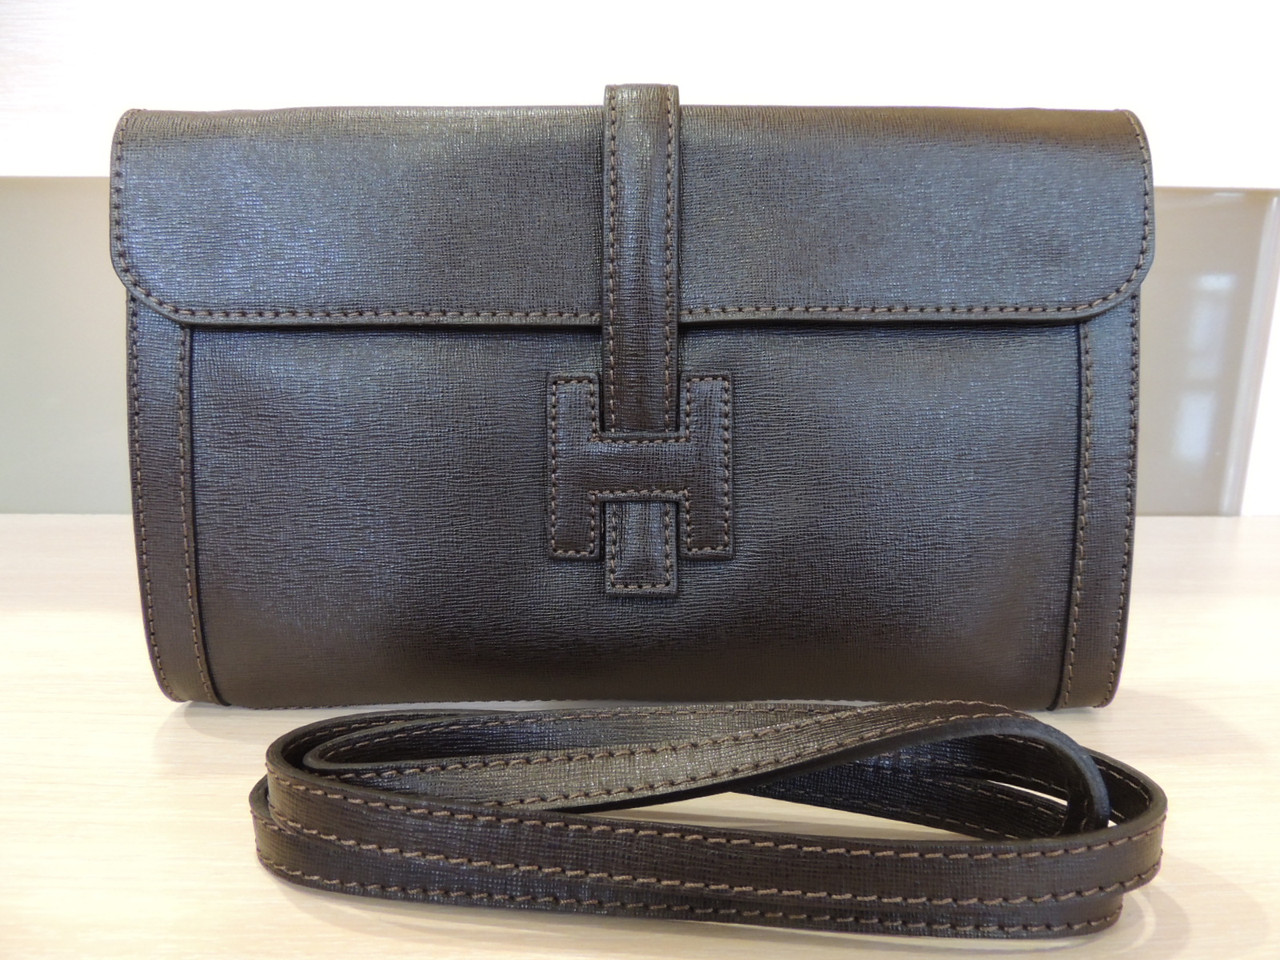 Белая, серая, коричневая, бирюзовая, синяя сумочка - клатч женская кожаная, итальянская. Коричневый